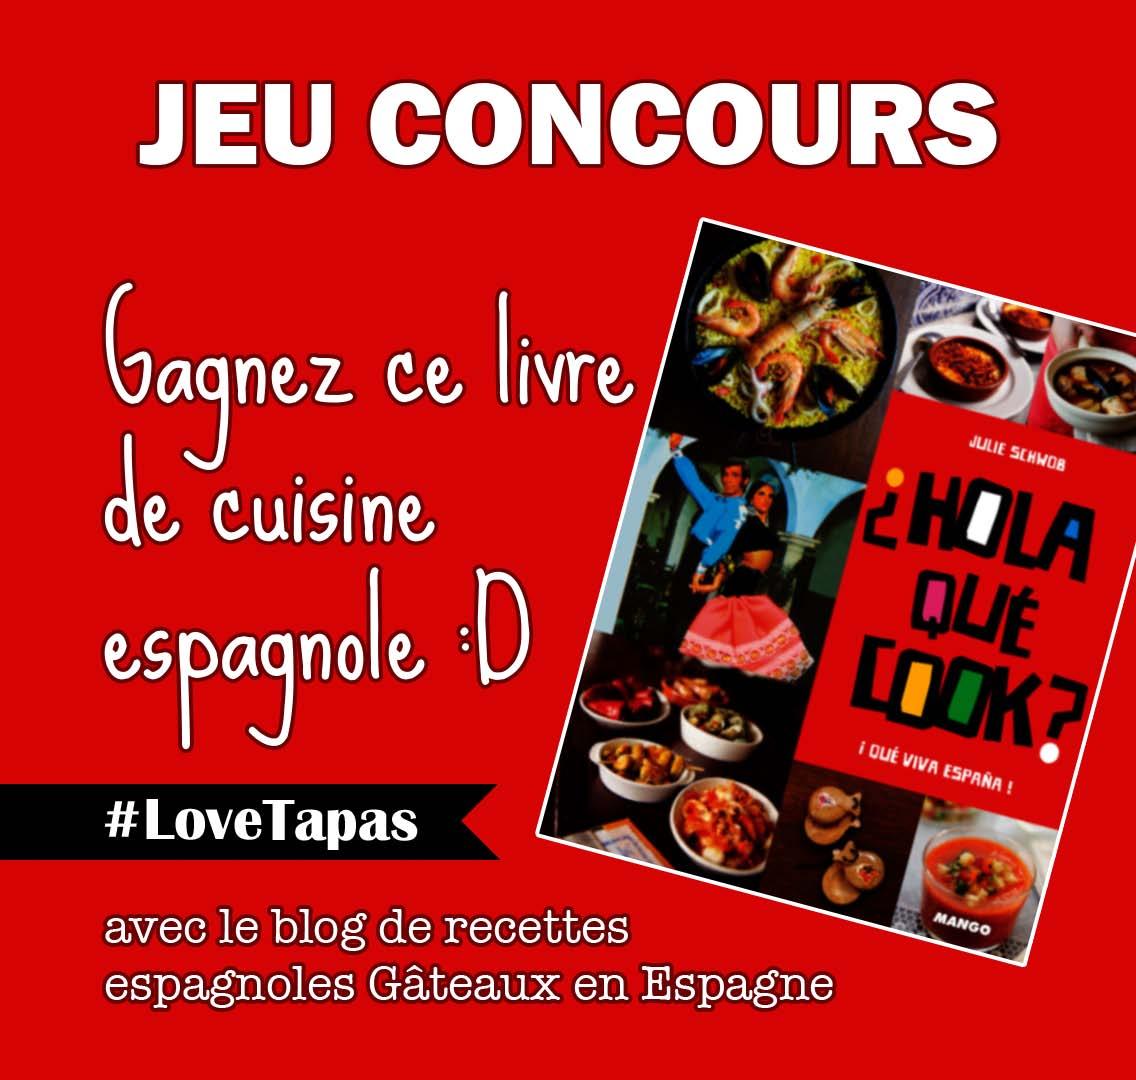 G teaux en espagne jeu concours gagnez un livre de cuisine - Jeu concours cuisine ...